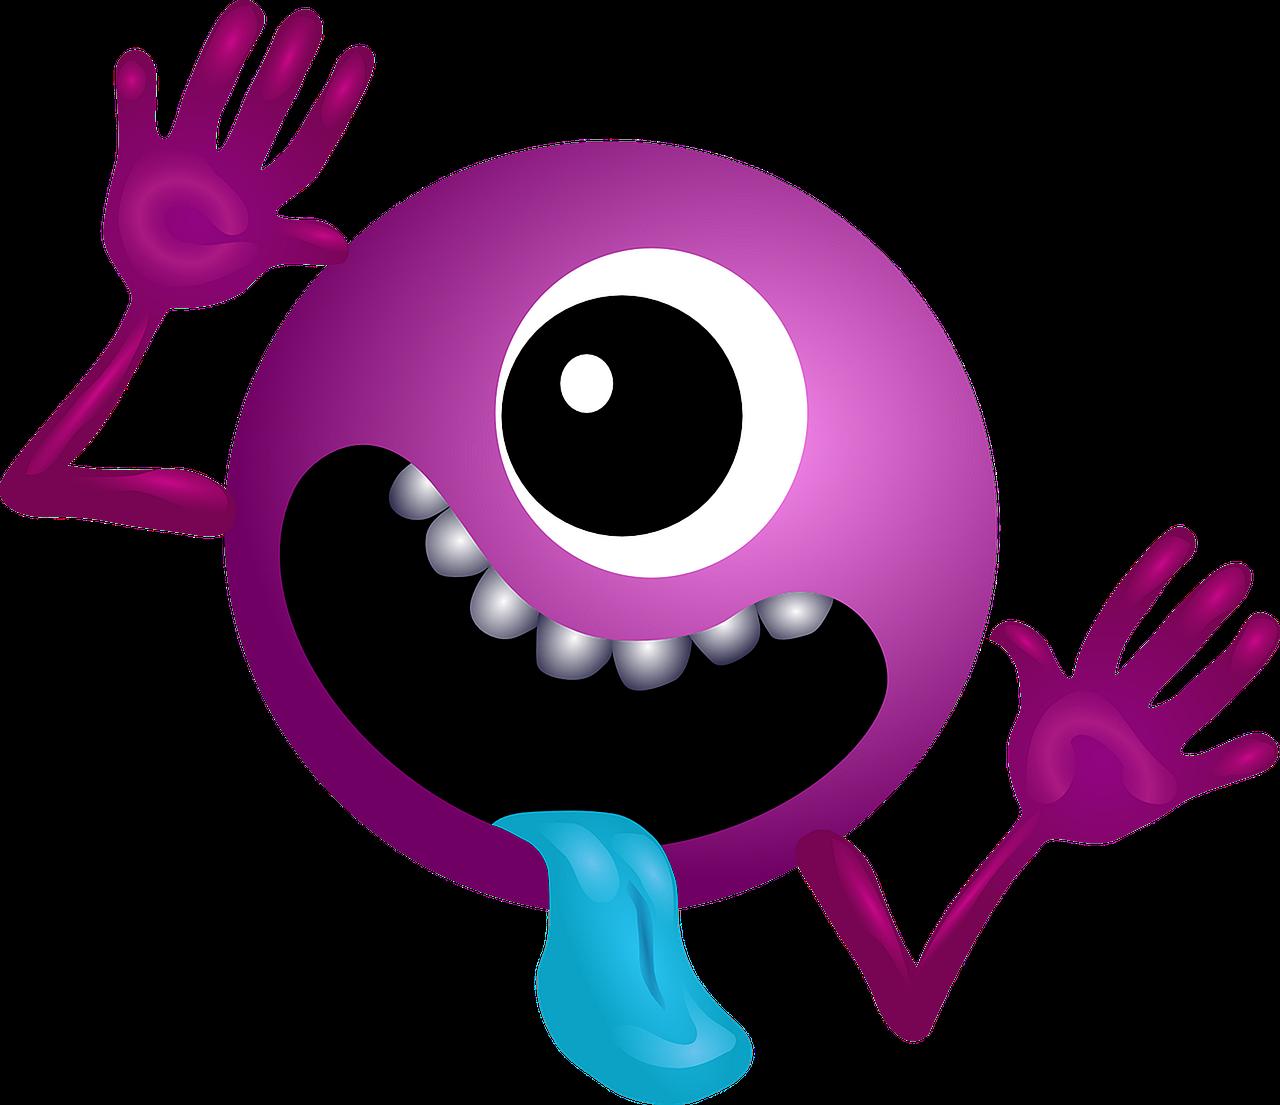 Monster clipart female monster. Alien purple smiley png